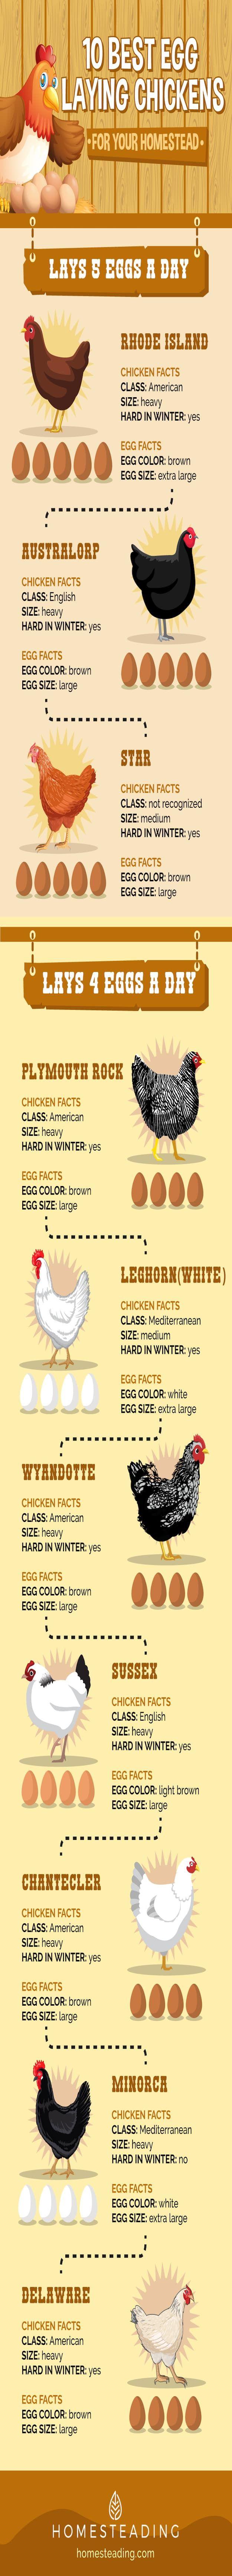 best 25 chicken breeds for eggs ideas on pinterest raising